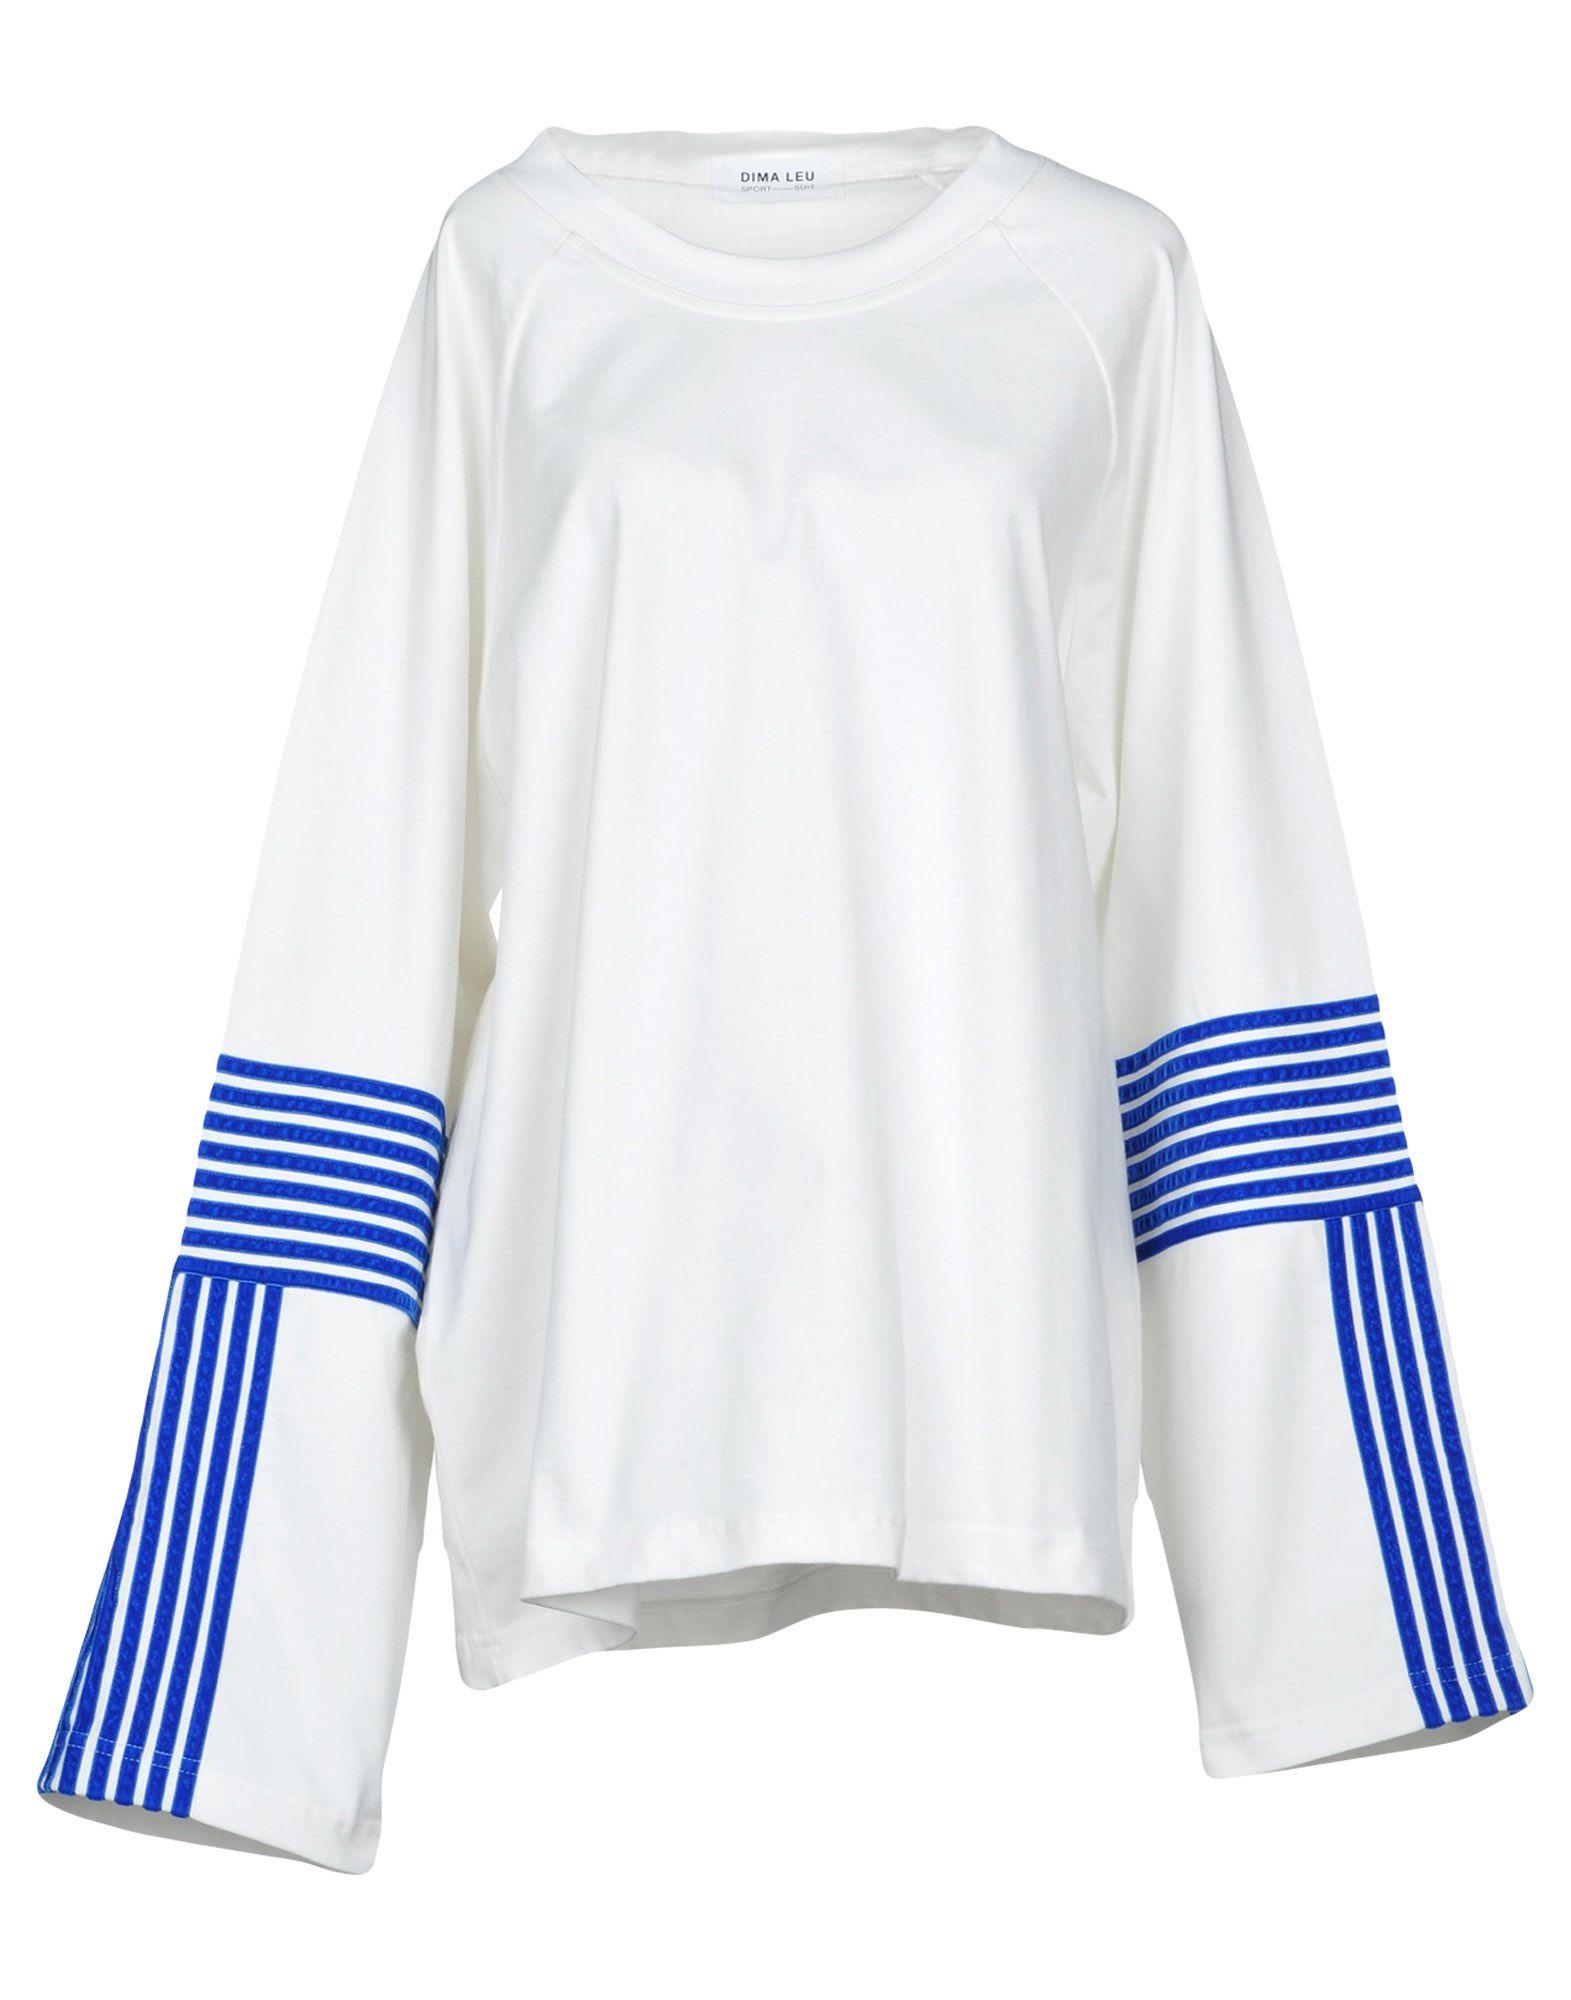 DIMA LEU Sweatshirt in White